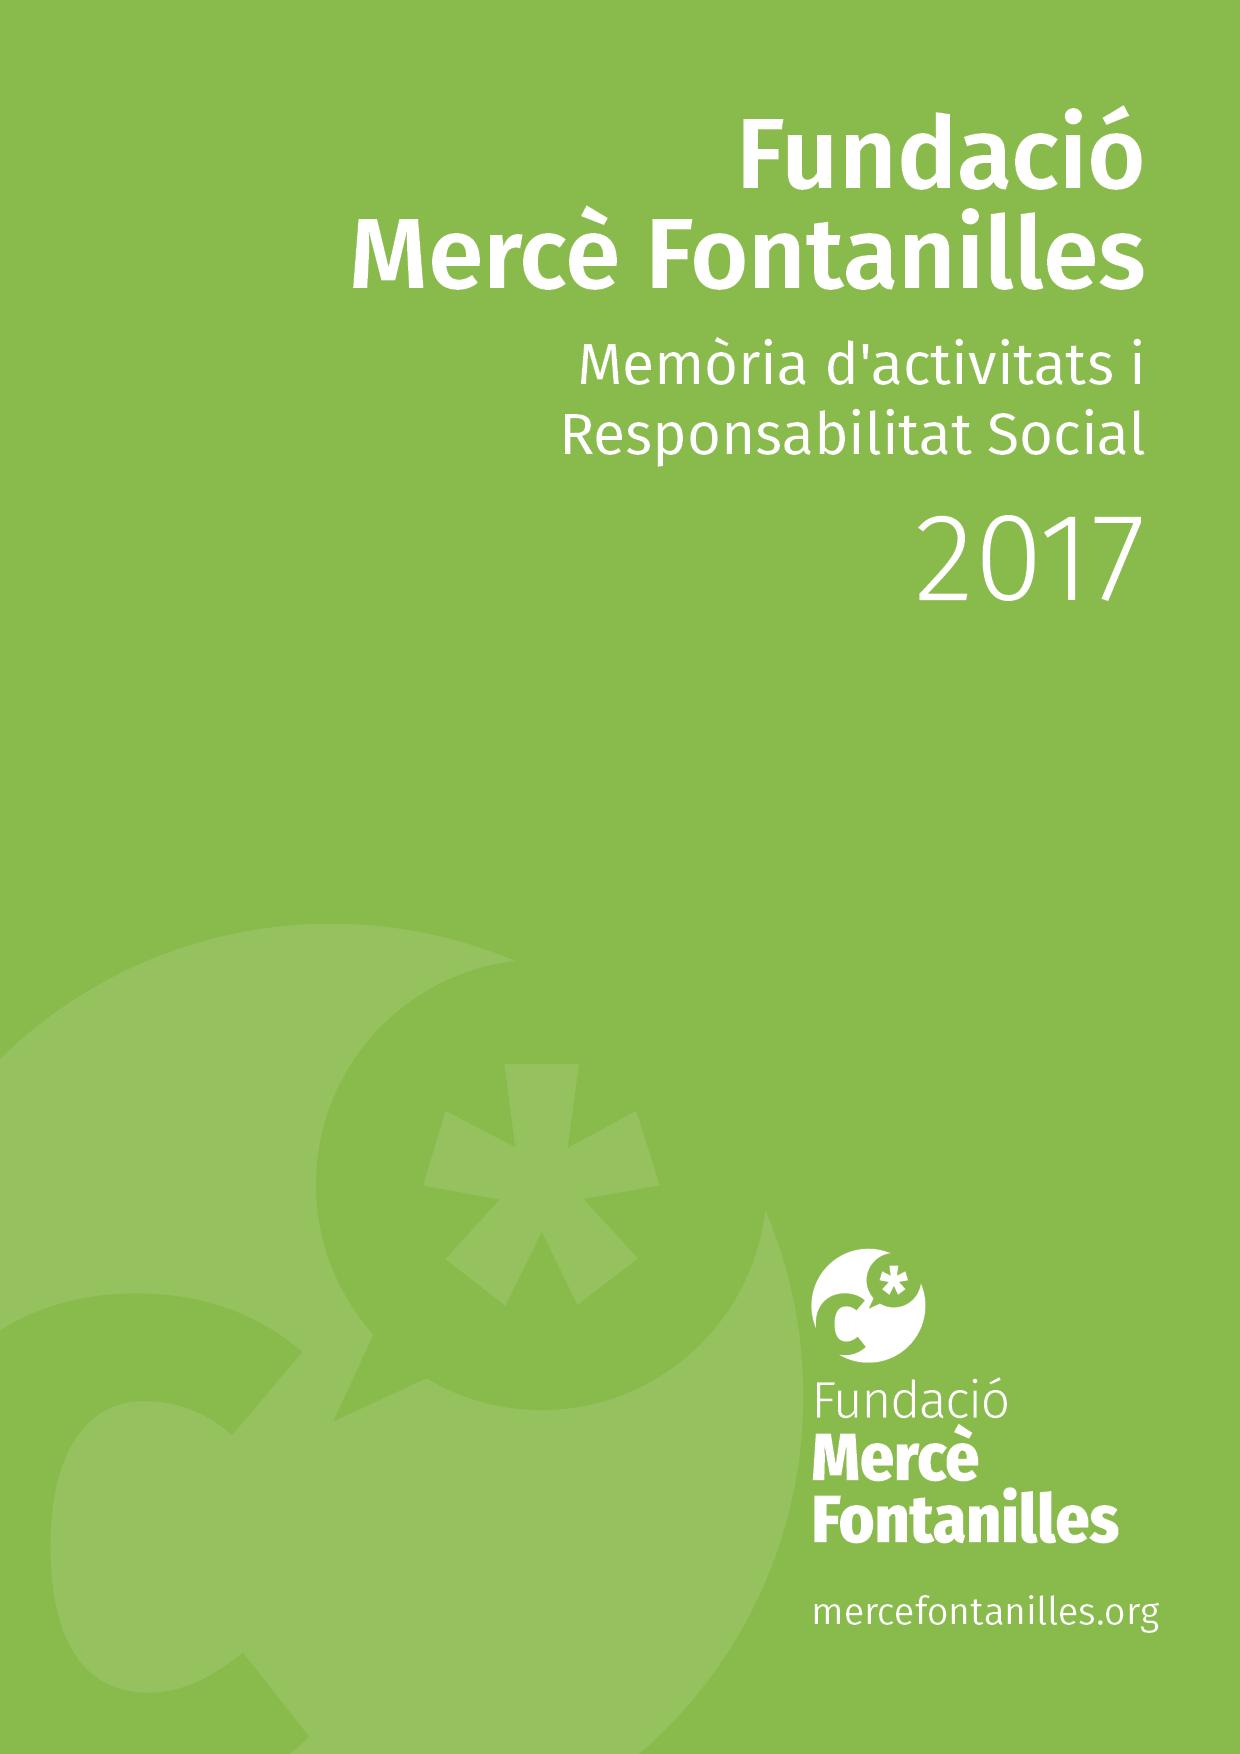 Memòria activitat FMF 2017